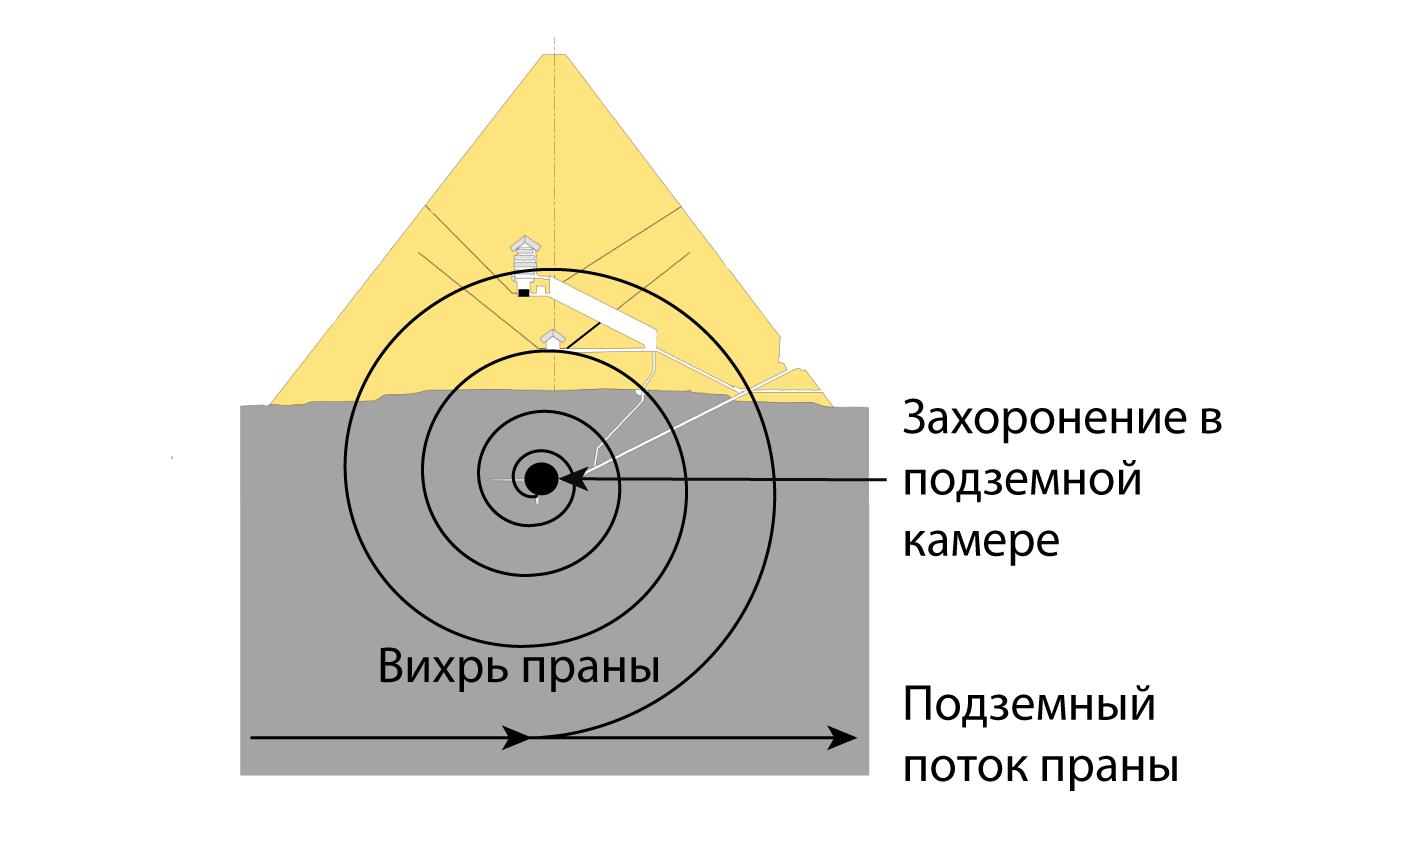 Возникновение вихря в пирамиде, вследствие асимметричного расположения, захороненного под ней, тела относительно подземного потока праны.